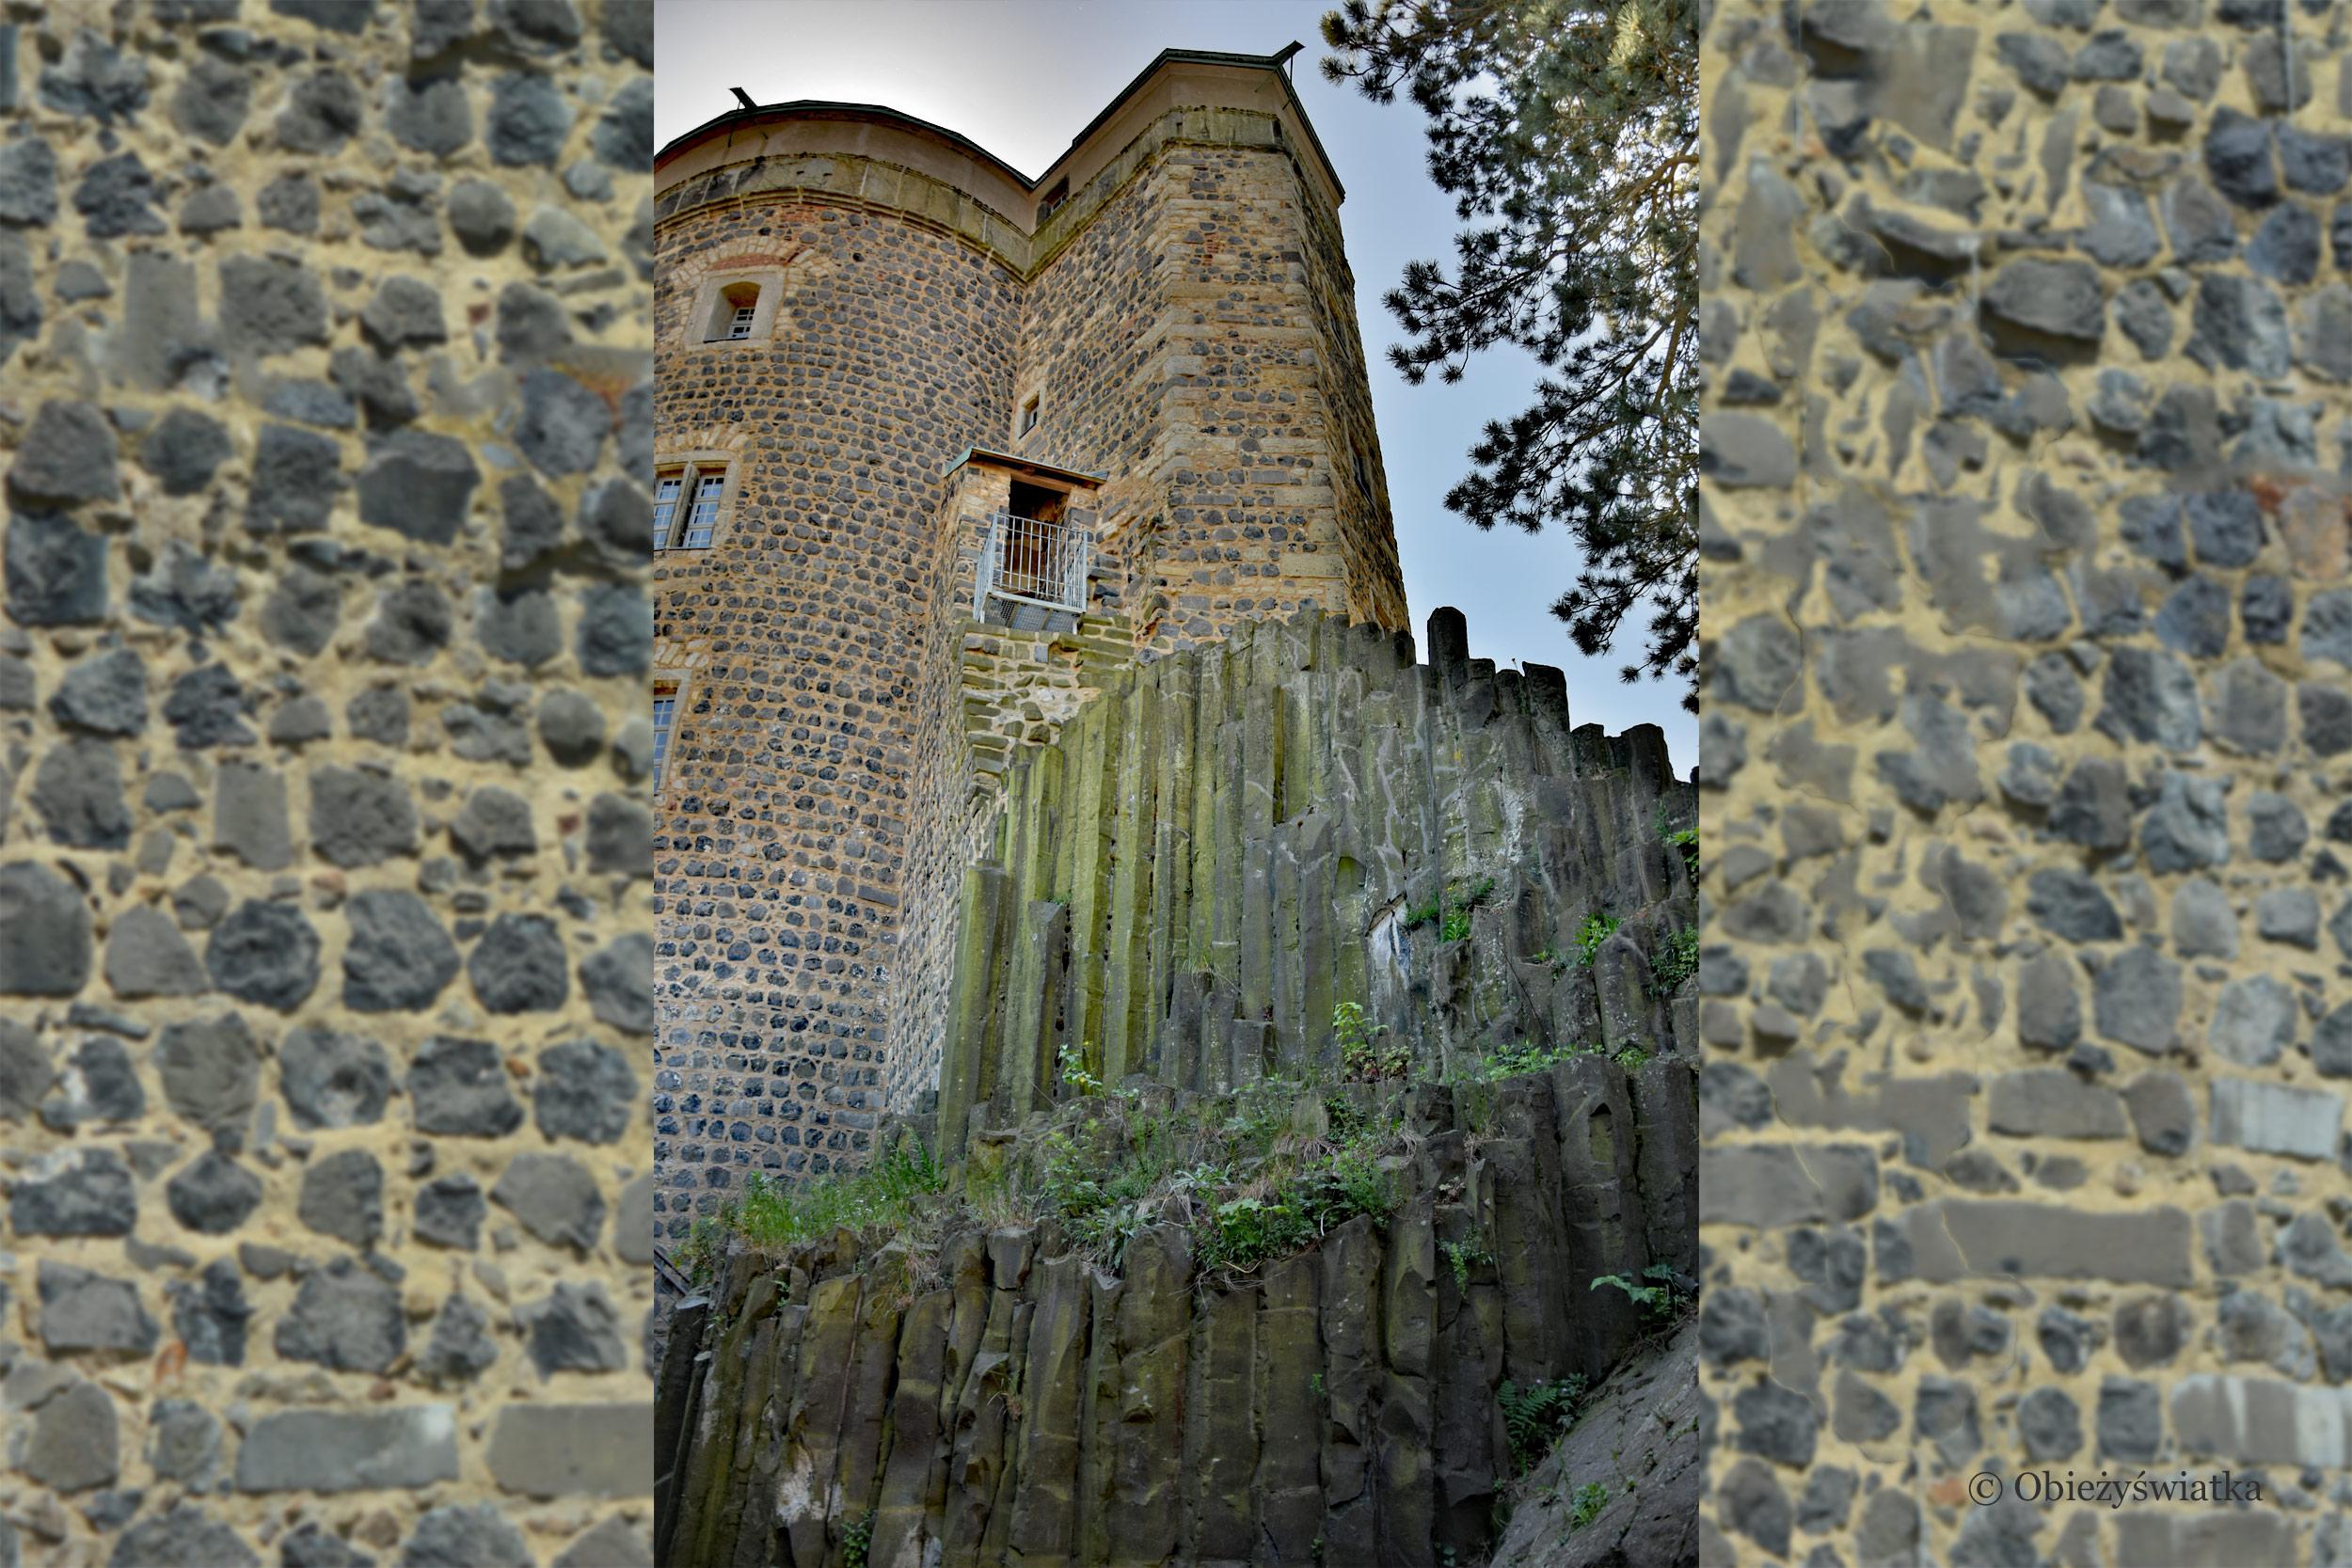 Bazaltowe naturalne kolumny służyły jako fundamenty i podmurze zamku Stolpen